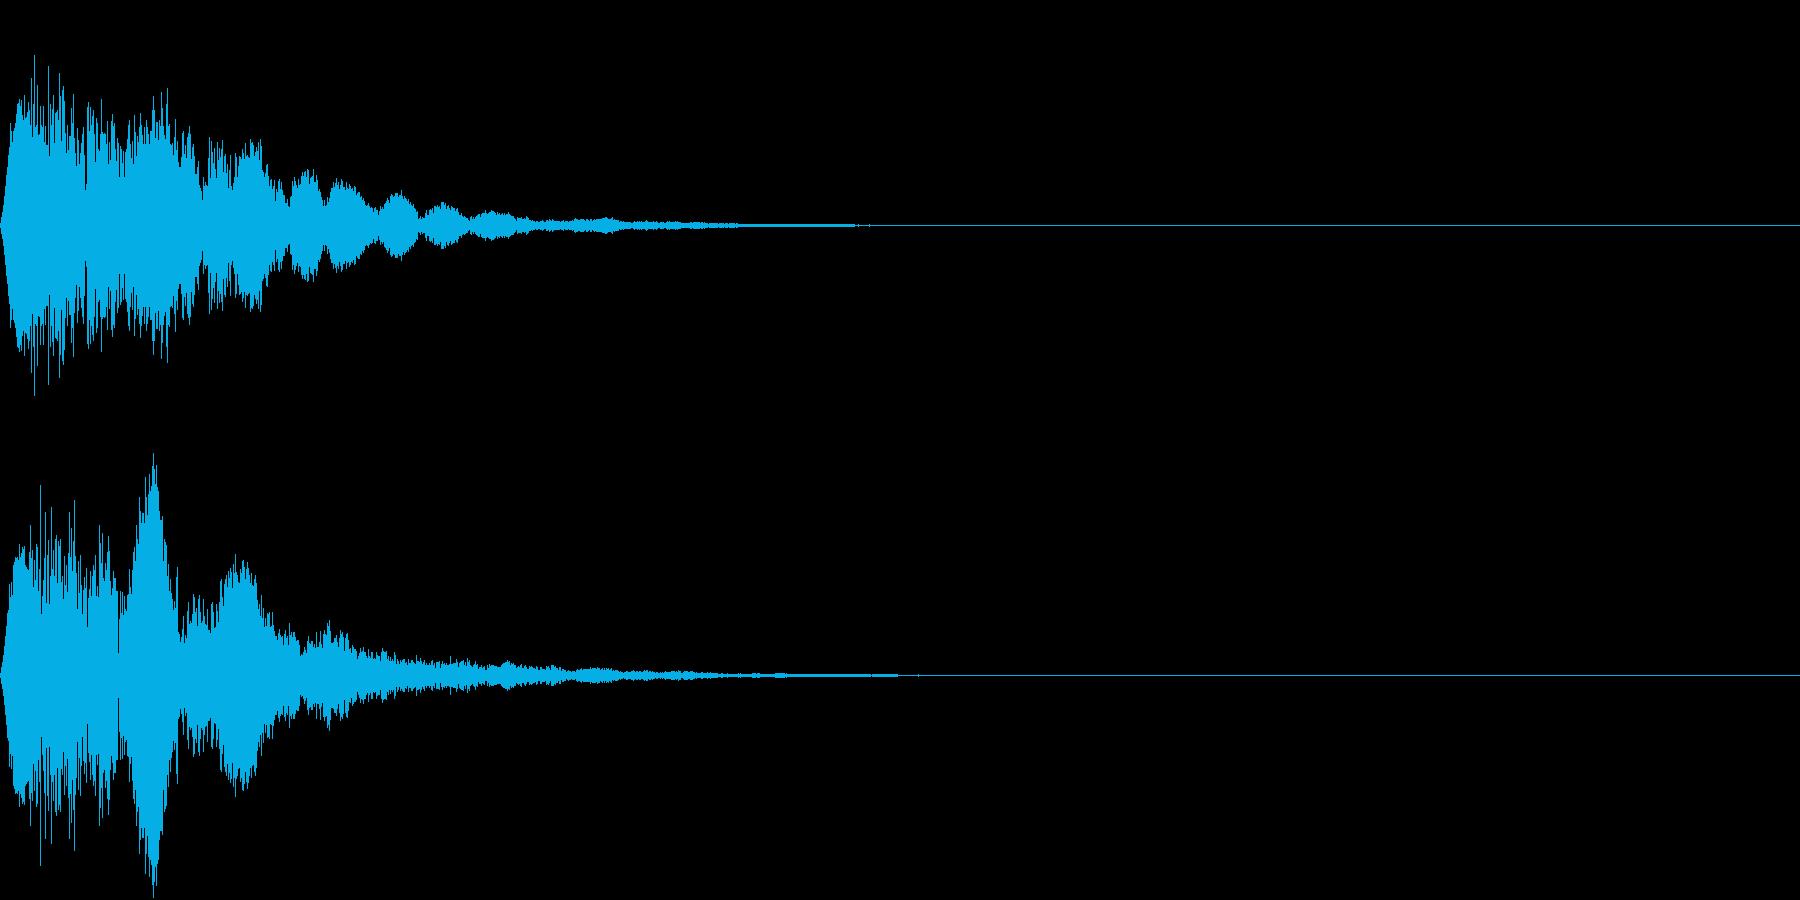 キュイン ボタン ピキーン キーン 19の再生済みの波形